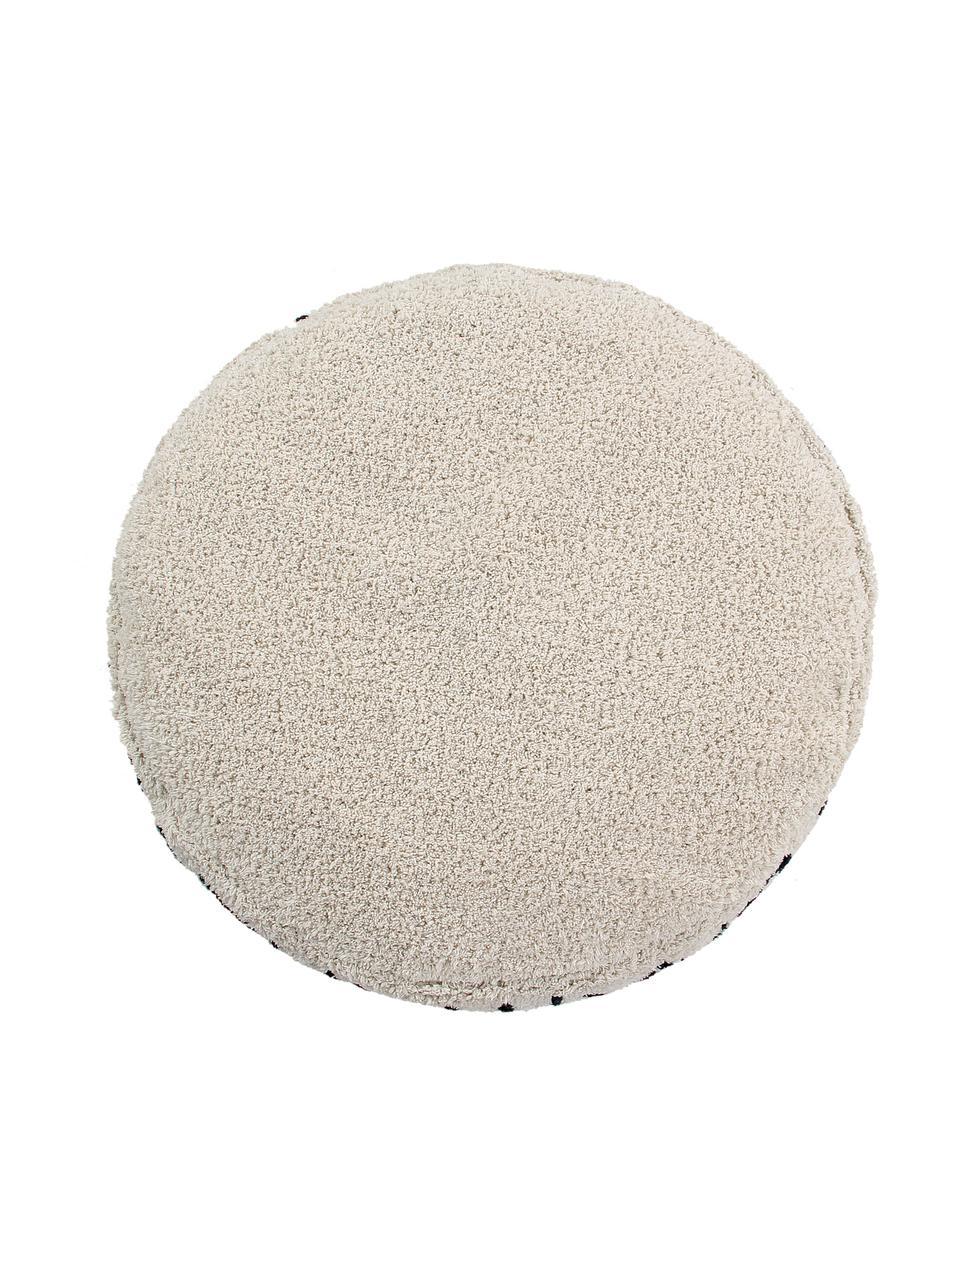 Rundes Teddy Bodenkissen ABC, Bezug: 97% Baumwolle, 3% recycel, Beige, Schwarz, Ø 70 x H 20 cm